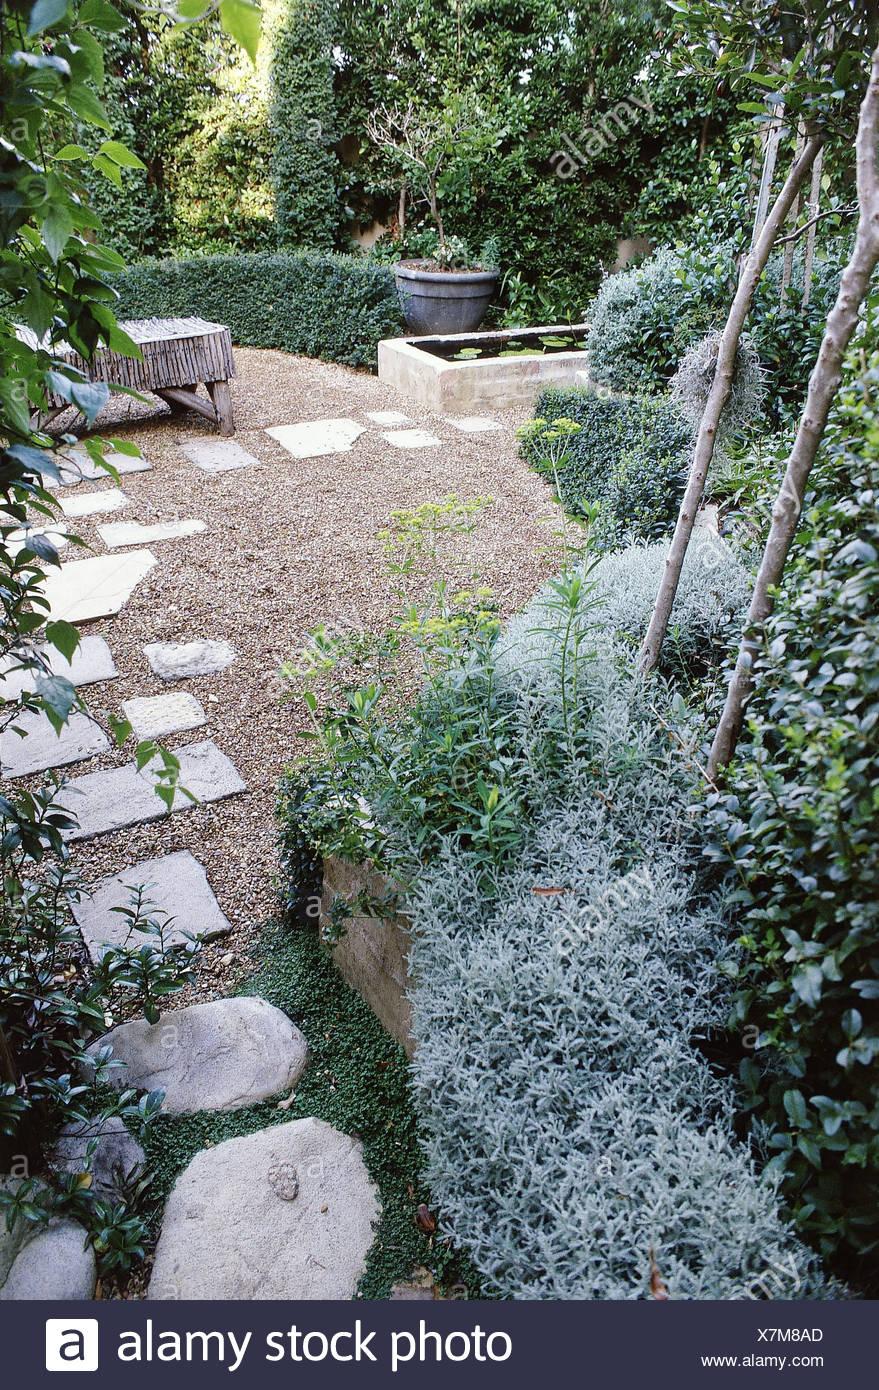 Jardines peque os con forma de jard n de arbustos rboles for Arboles para jardines pequenos